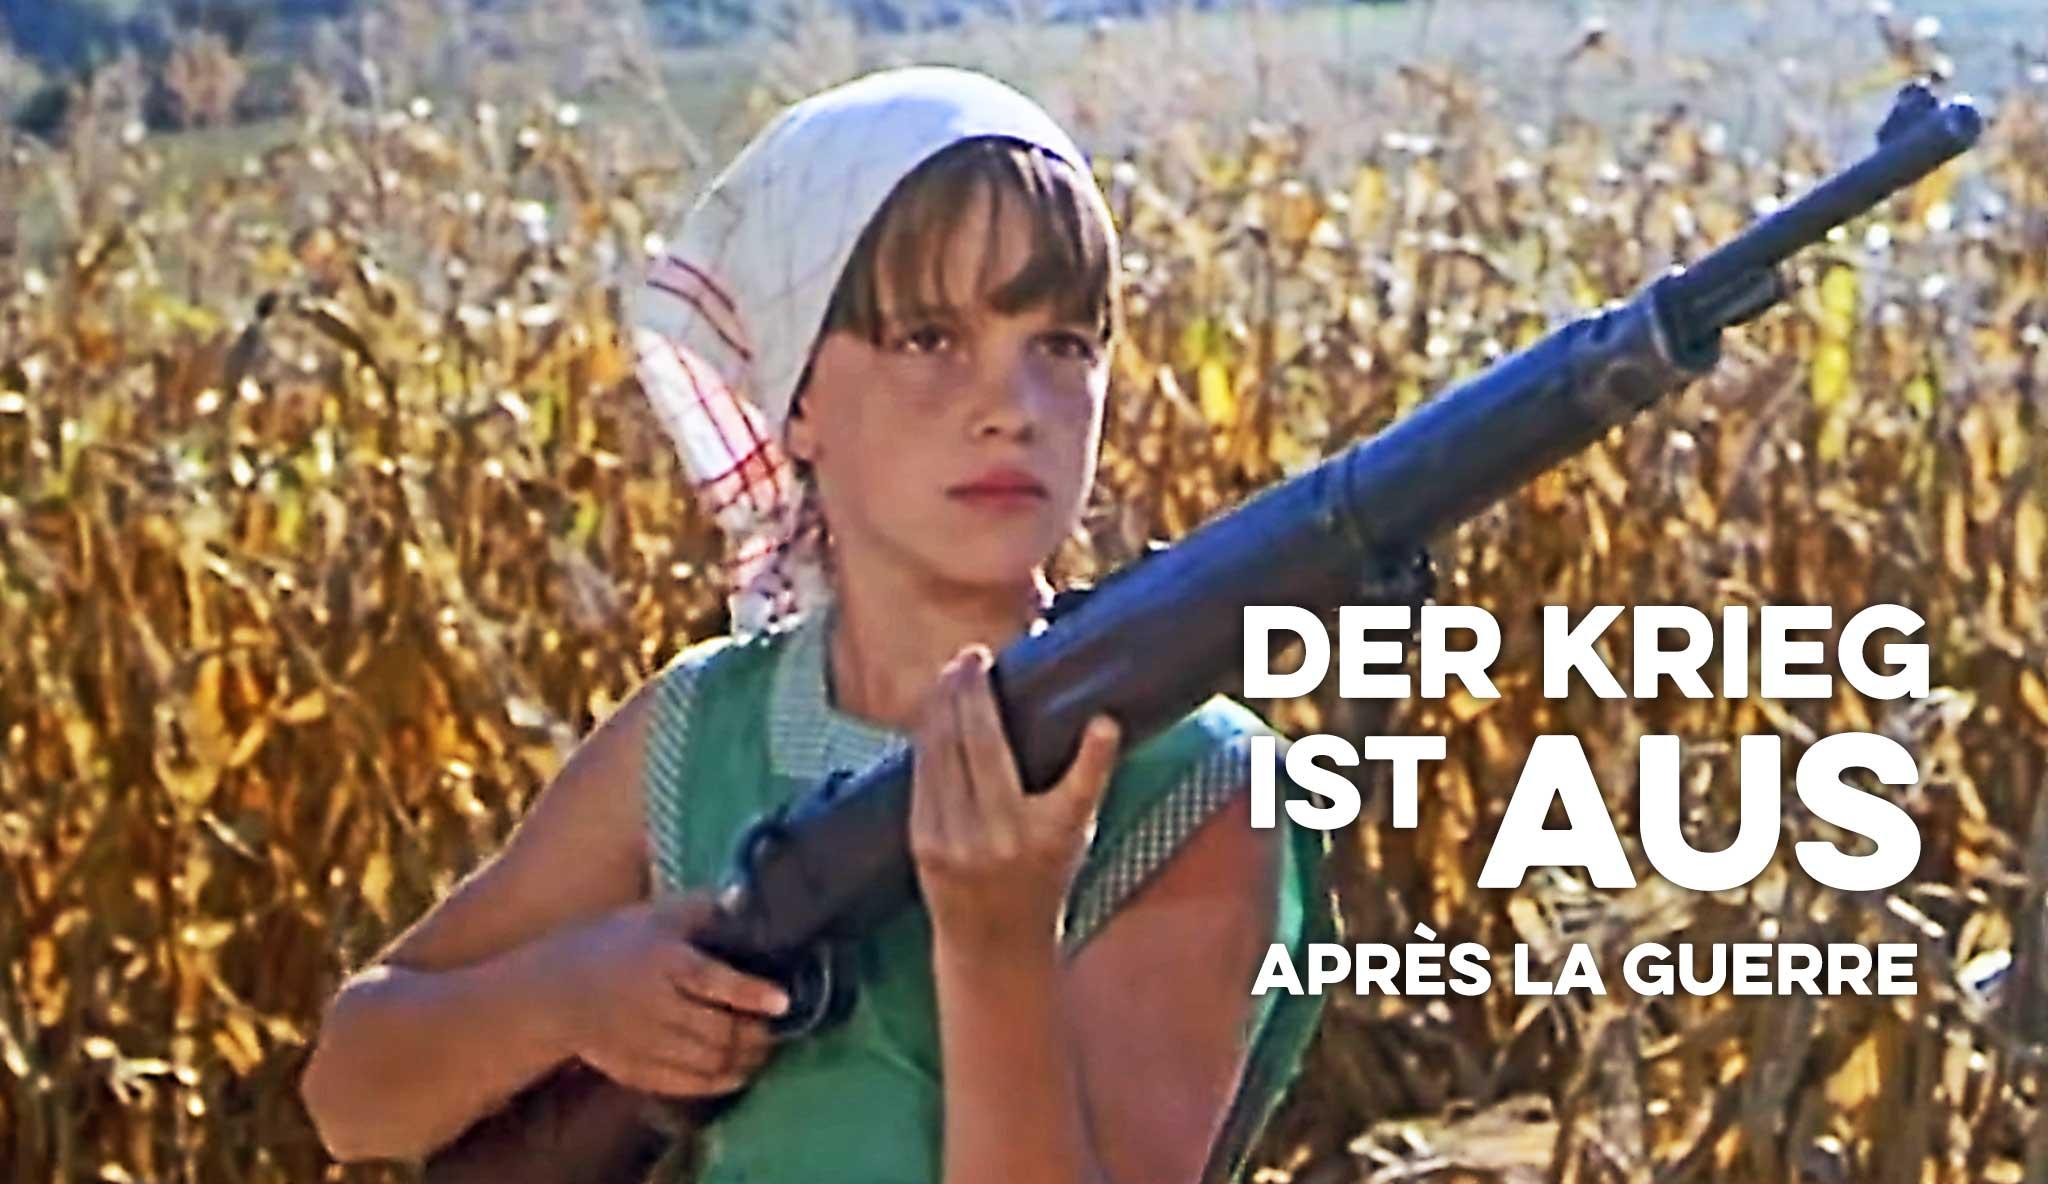 der-krieg-ist-aus-apres-la-guerre\header.jpg